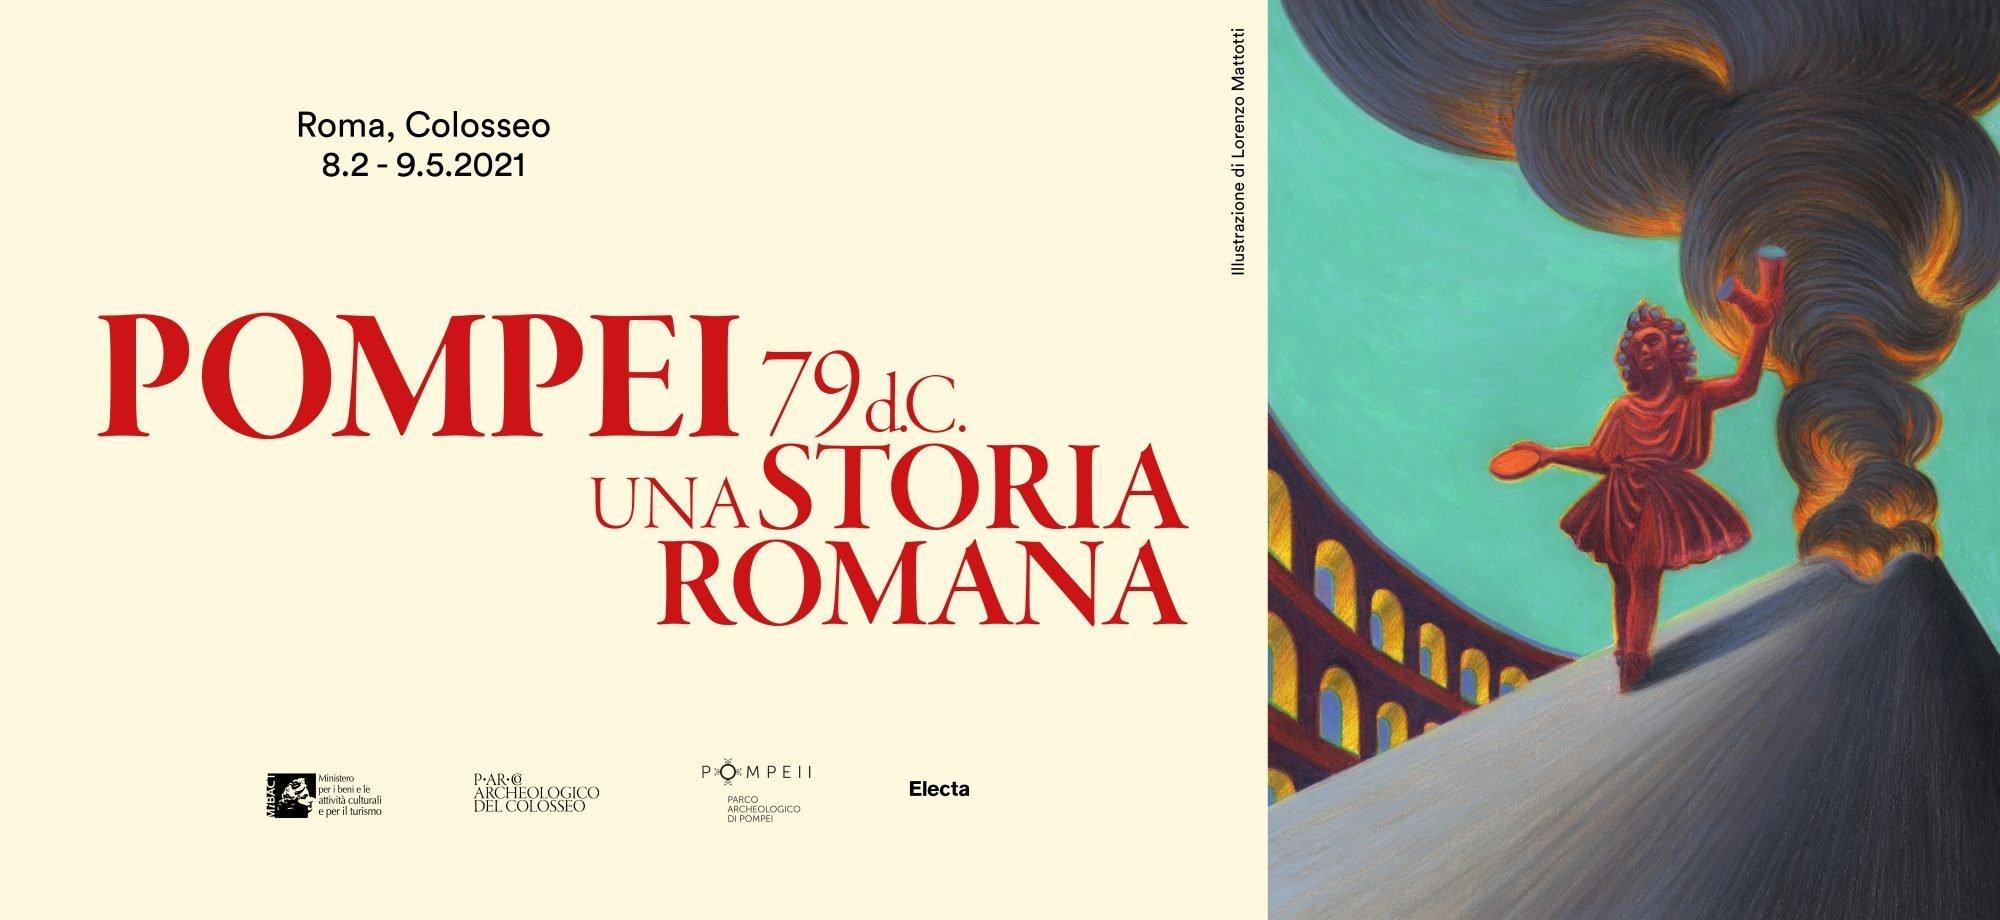 Pompeii & Roman History Colosseum Exhibition